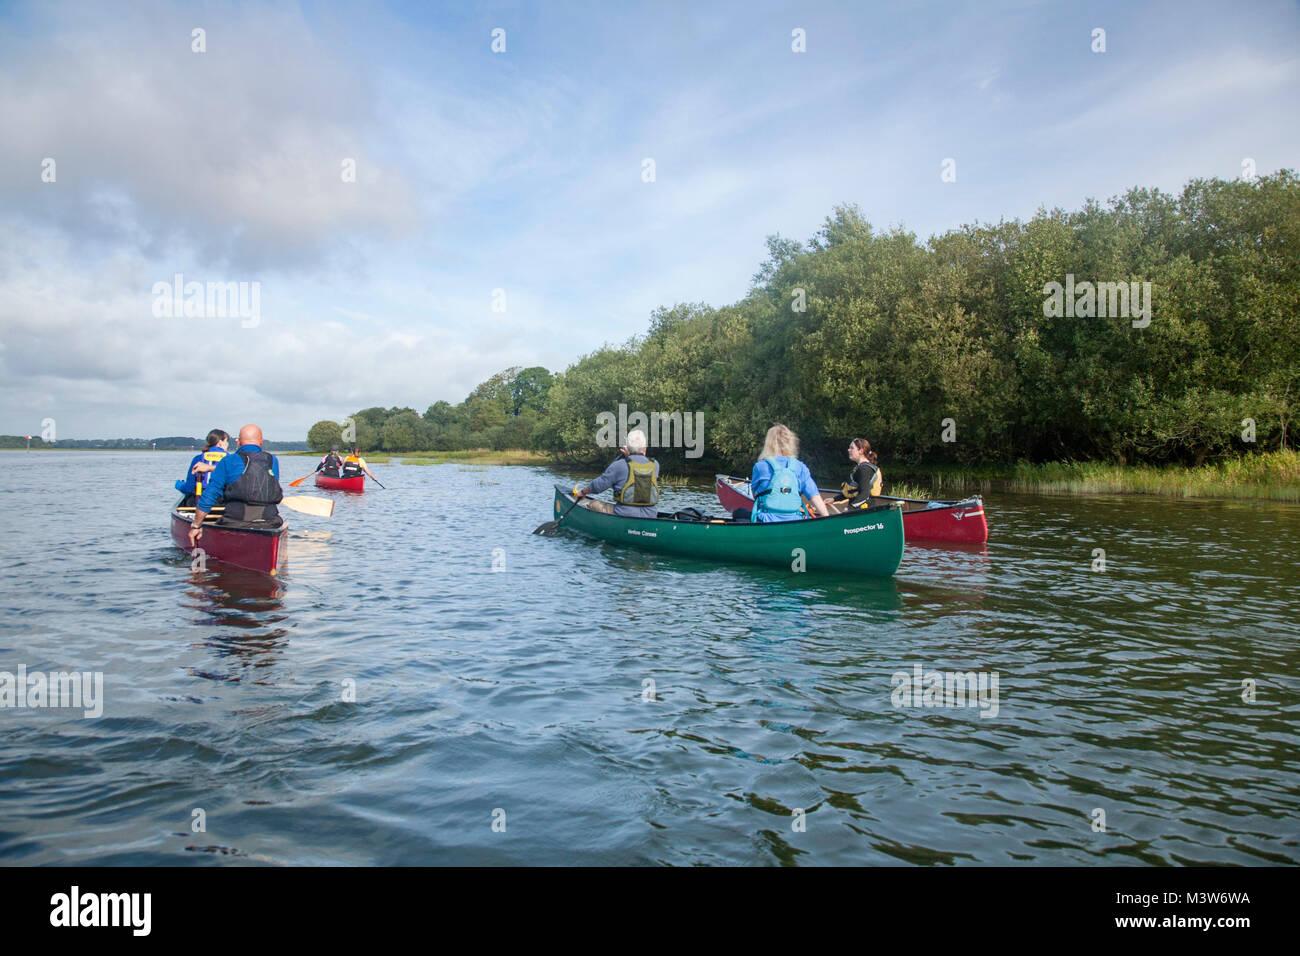 Canotaje en el Río Bann cerca Toome, Condado de Antrim, Irlanda del Norte. Imagen De Stock